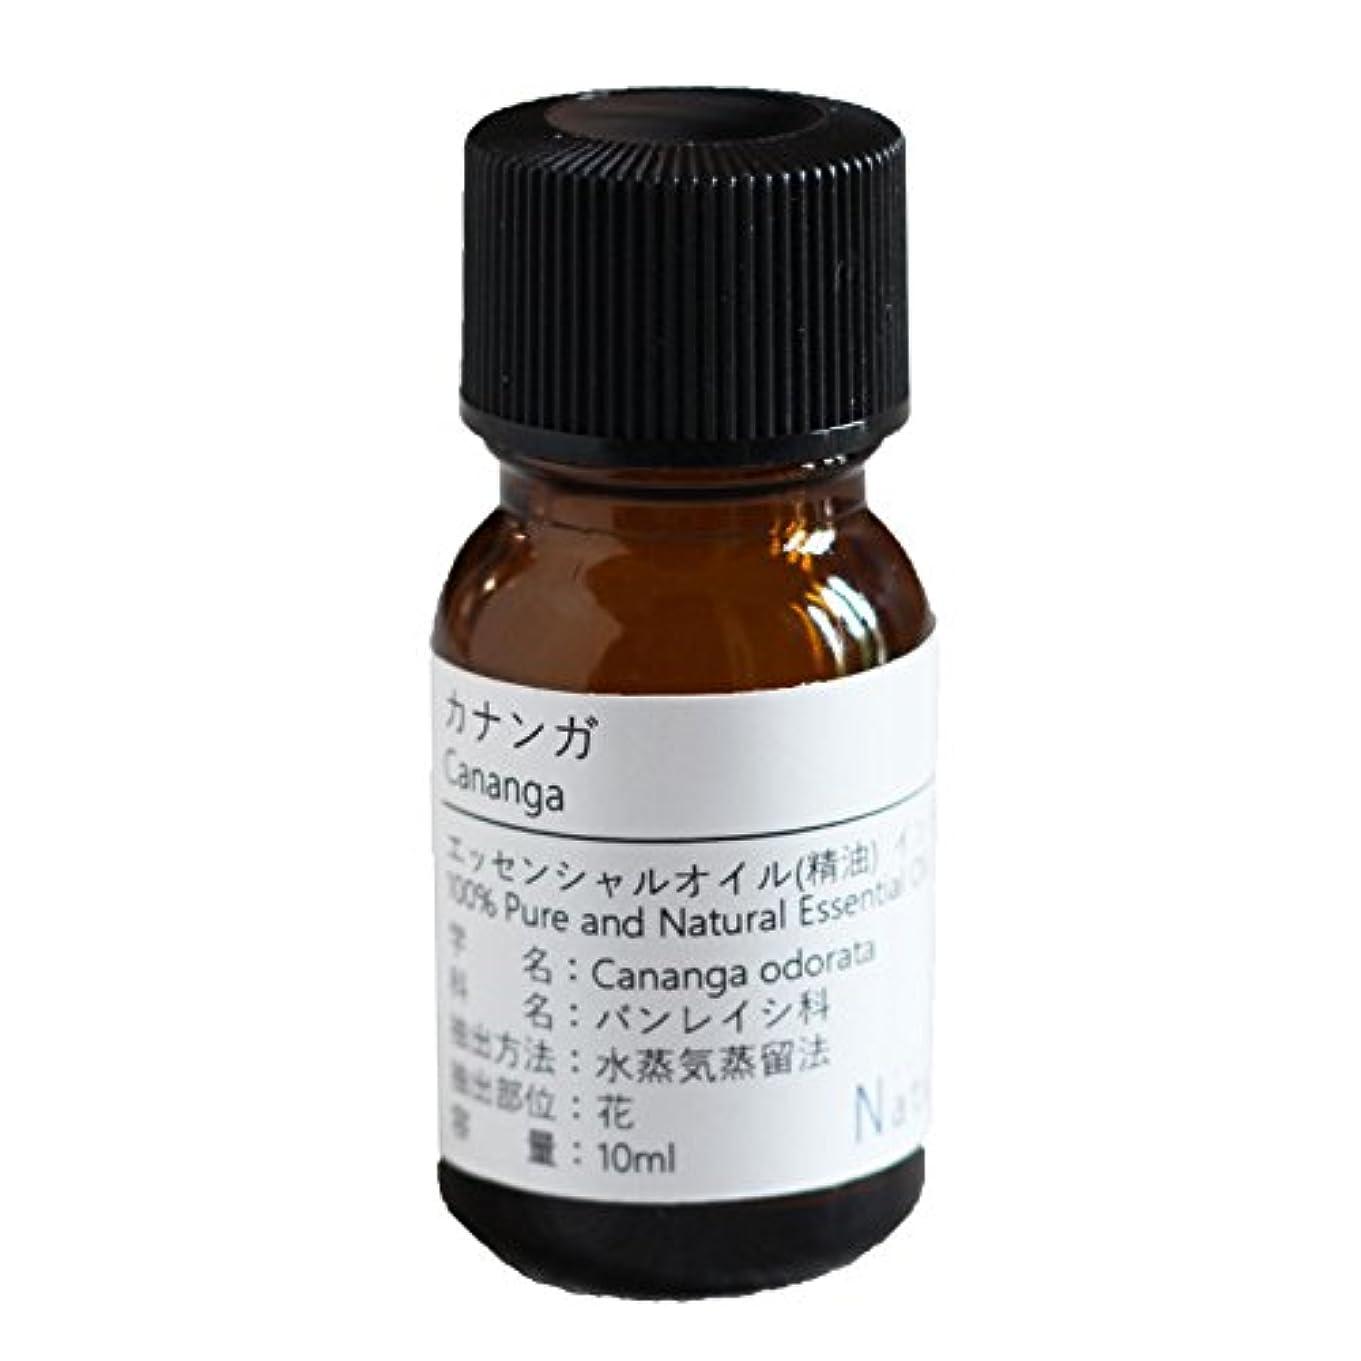 懐アルプス知事Natural蒼 カナンガ/エッセンシャルオイル 精油天然100% (30ml)